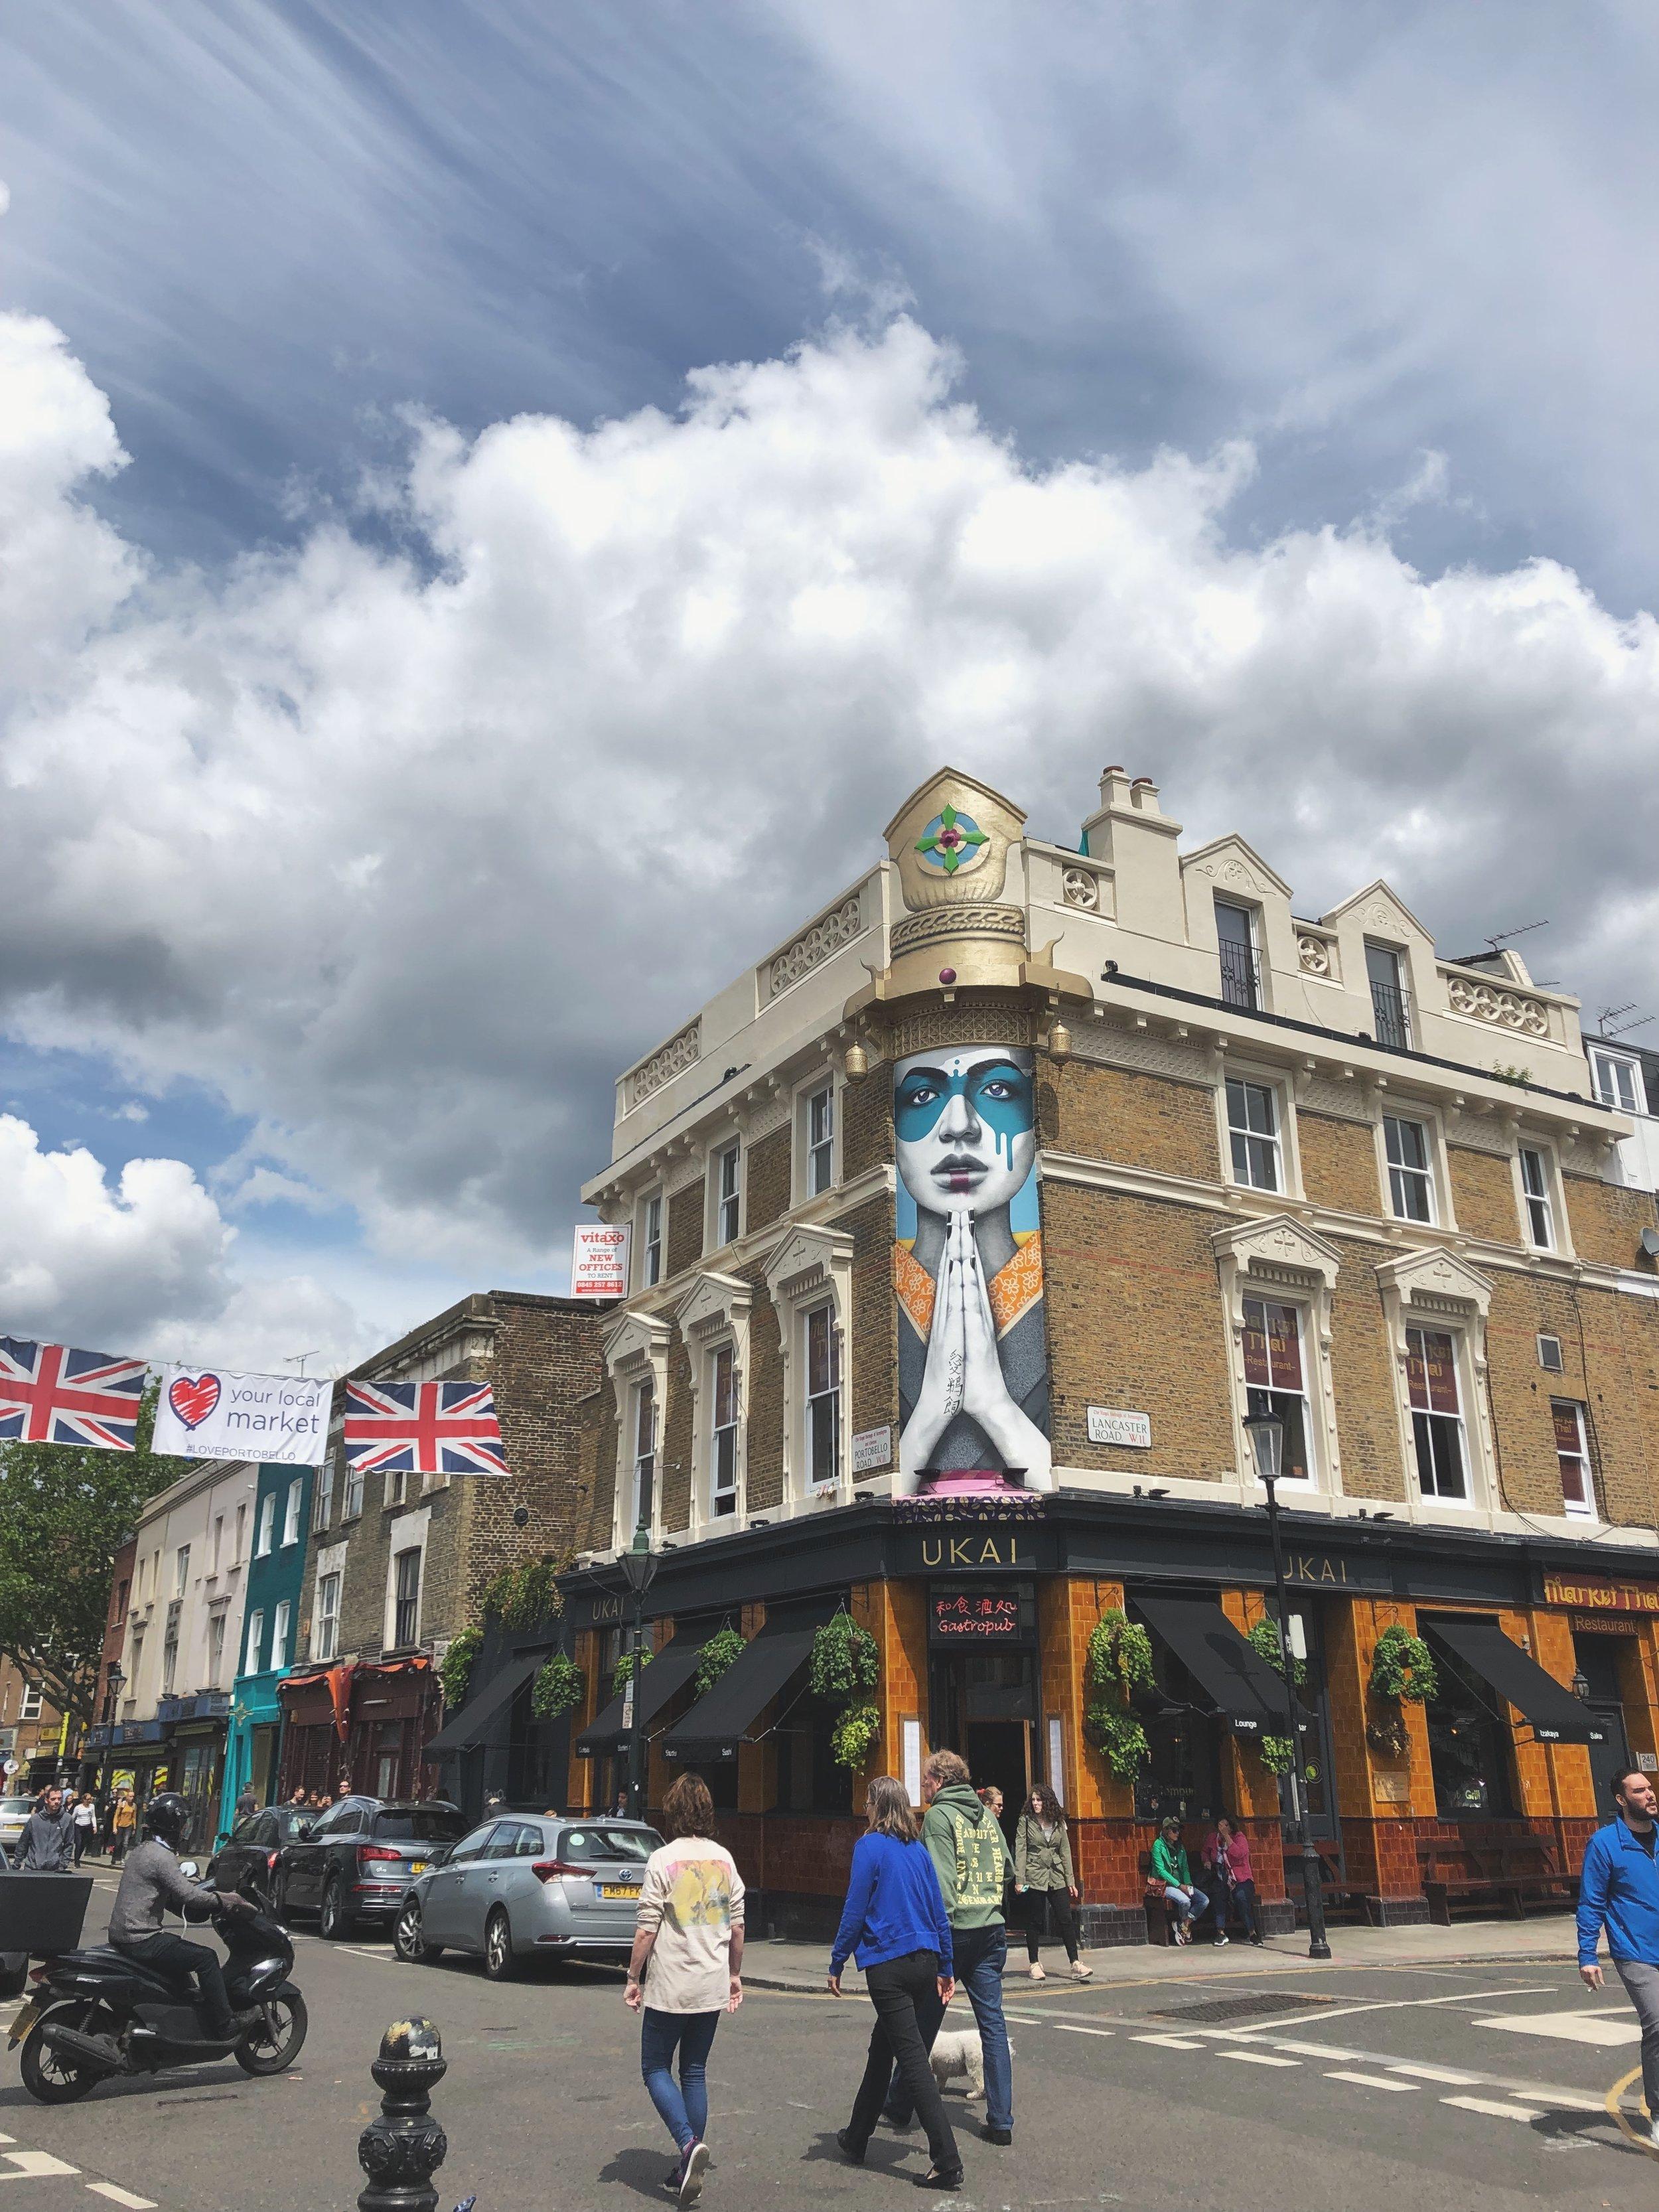 這是在倫敦西邊的Nottilng Hill,平時也是會有市集,這附近房子都會漆上不同色彩,很可愛,隨時都可看到很多人在別人房子前拍照XD~